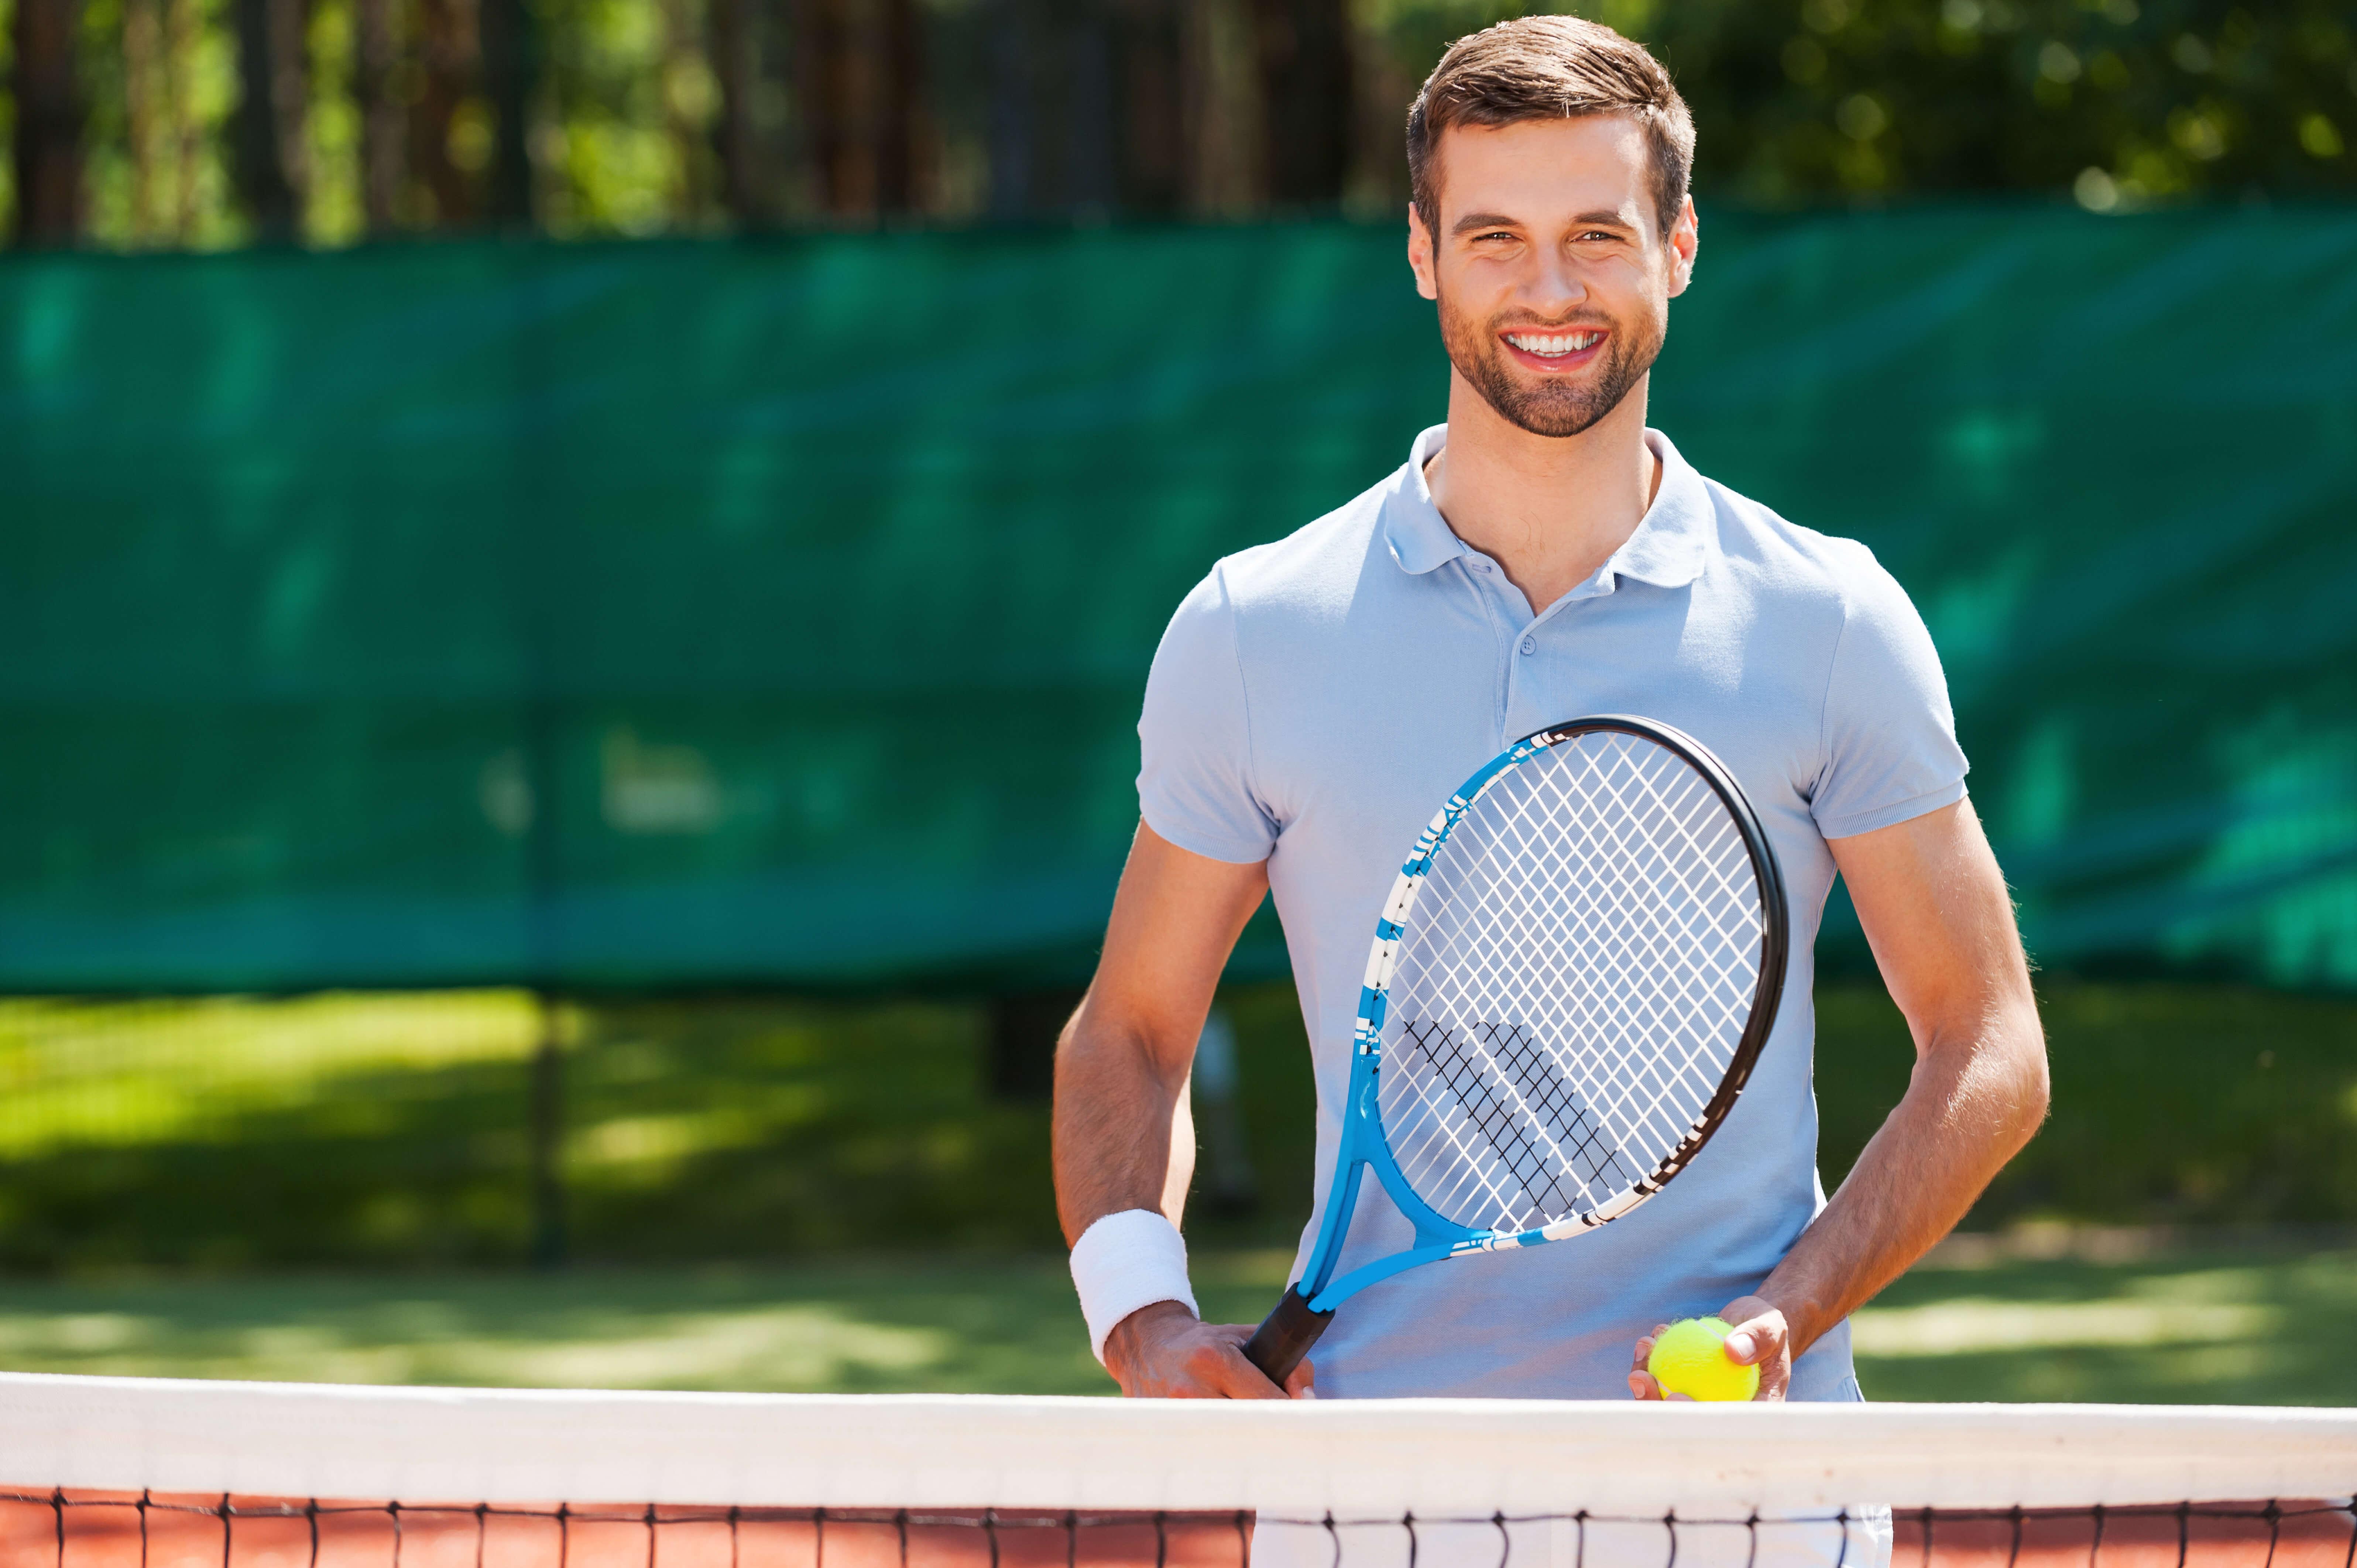 テニスウェアを着た男性